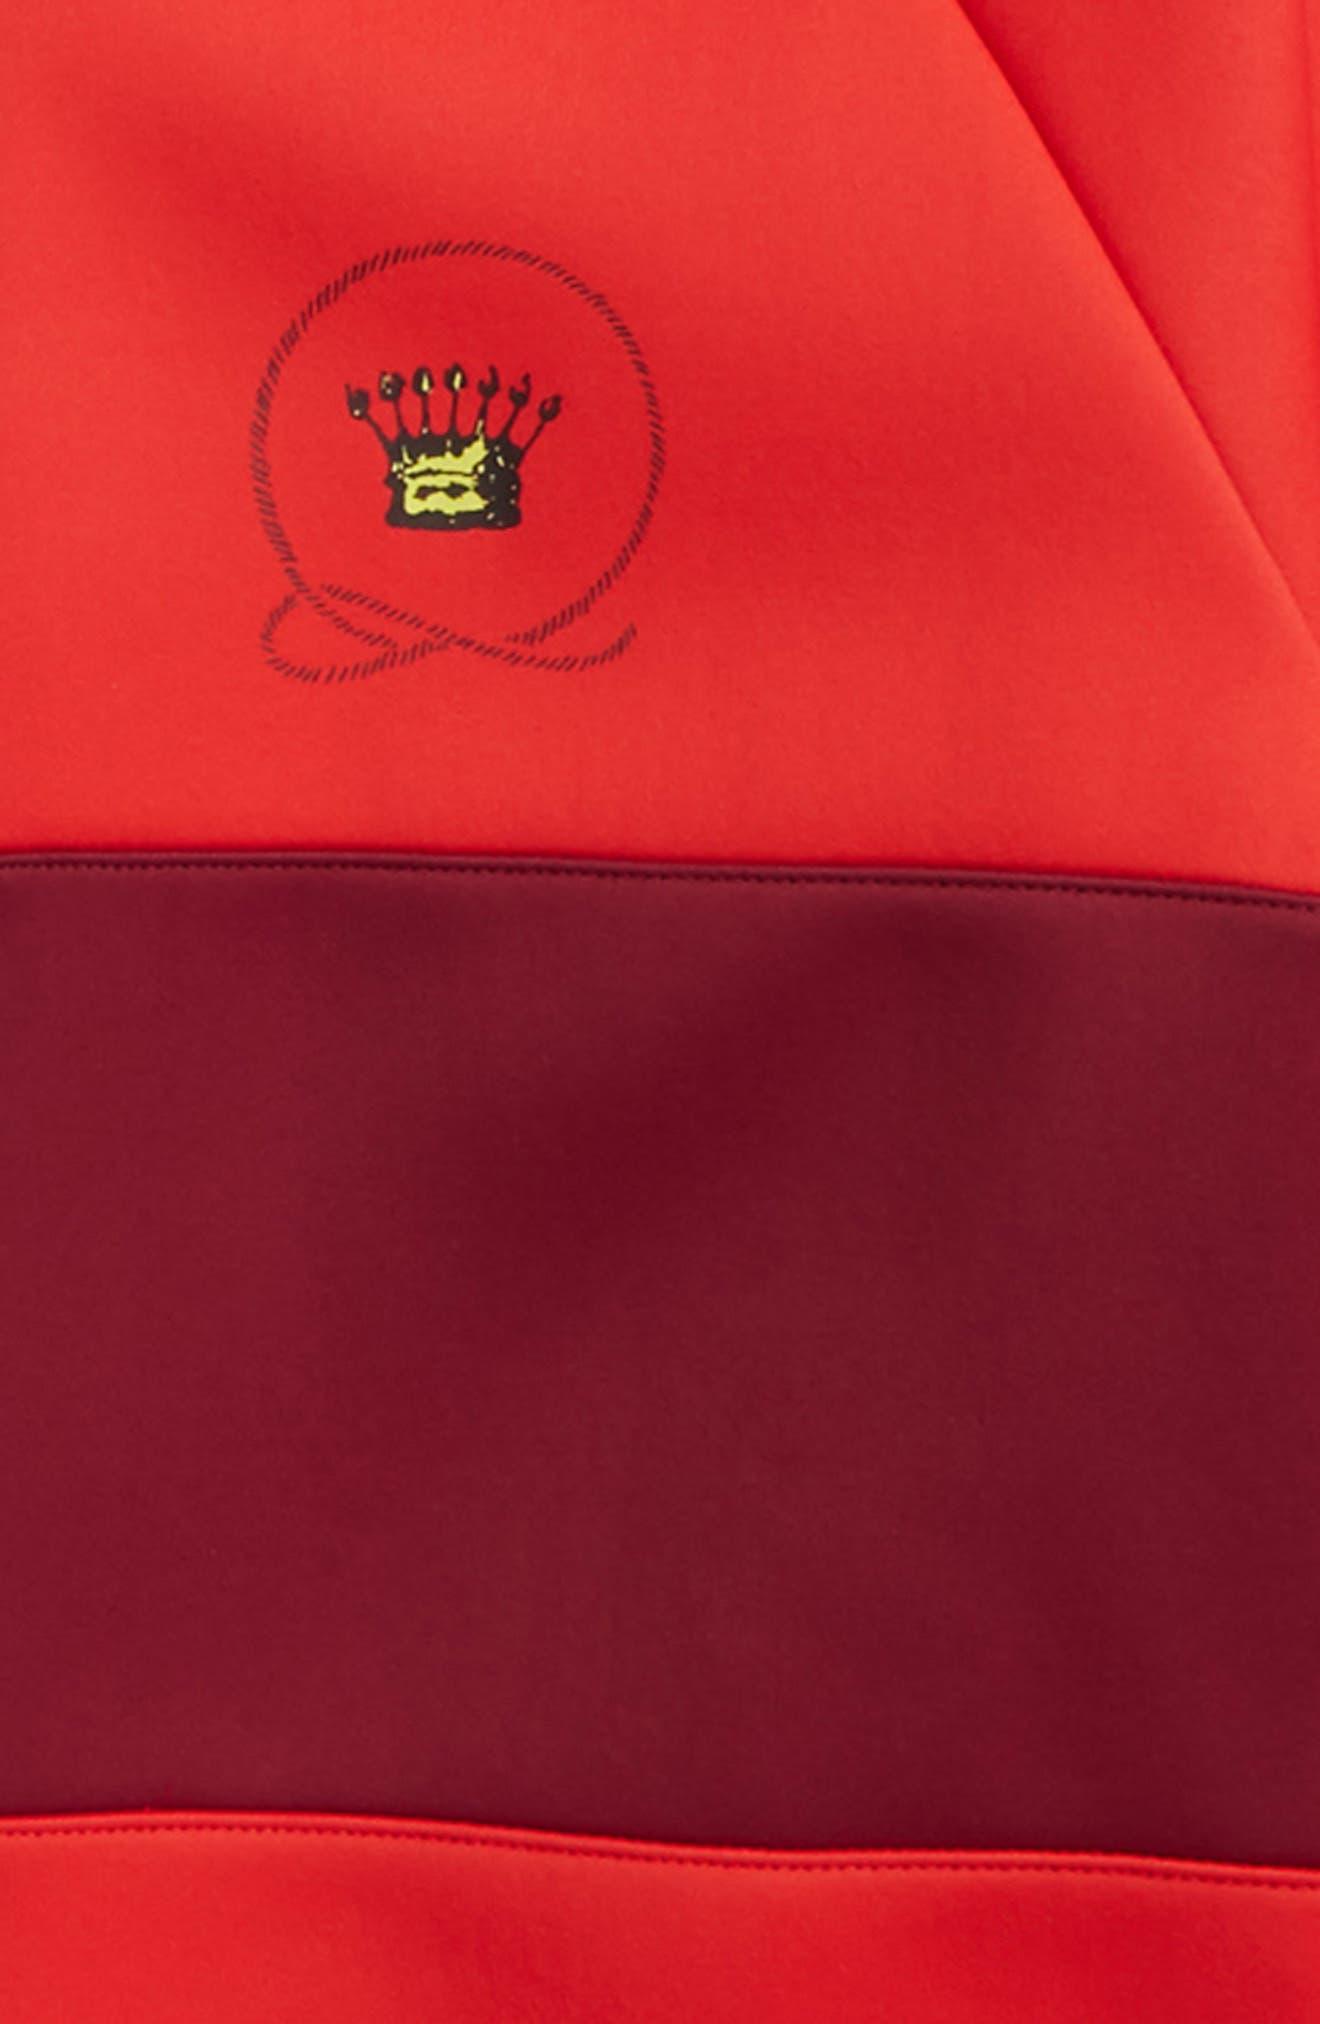 Berni Logo Track Jacket,                             Alternate thumbnail 2, color,                             622